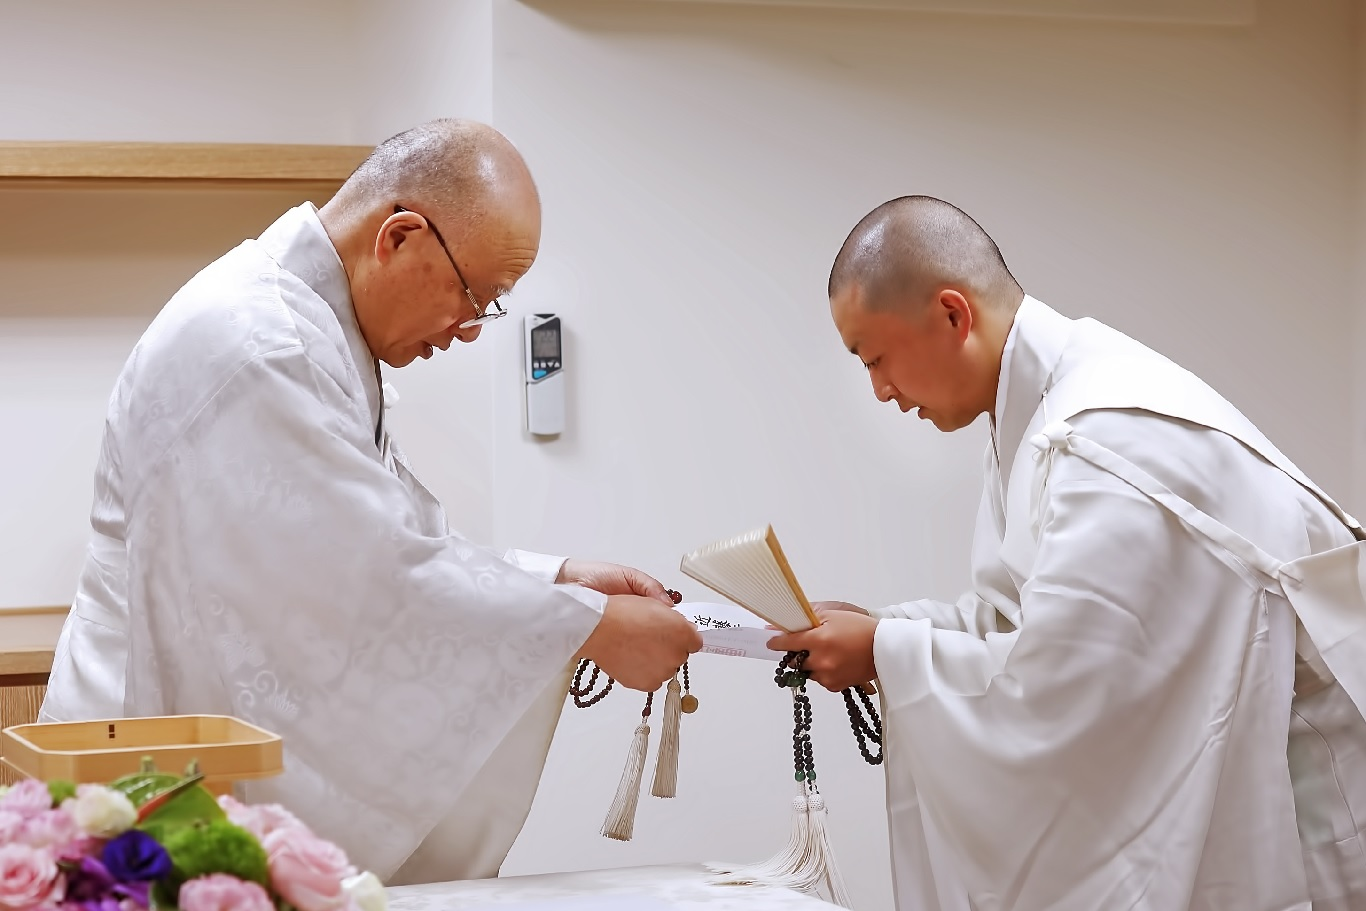 海外部長頒發任命狀,正式任命近藤行威尊師(右) 為花東布教所第三代責任者。